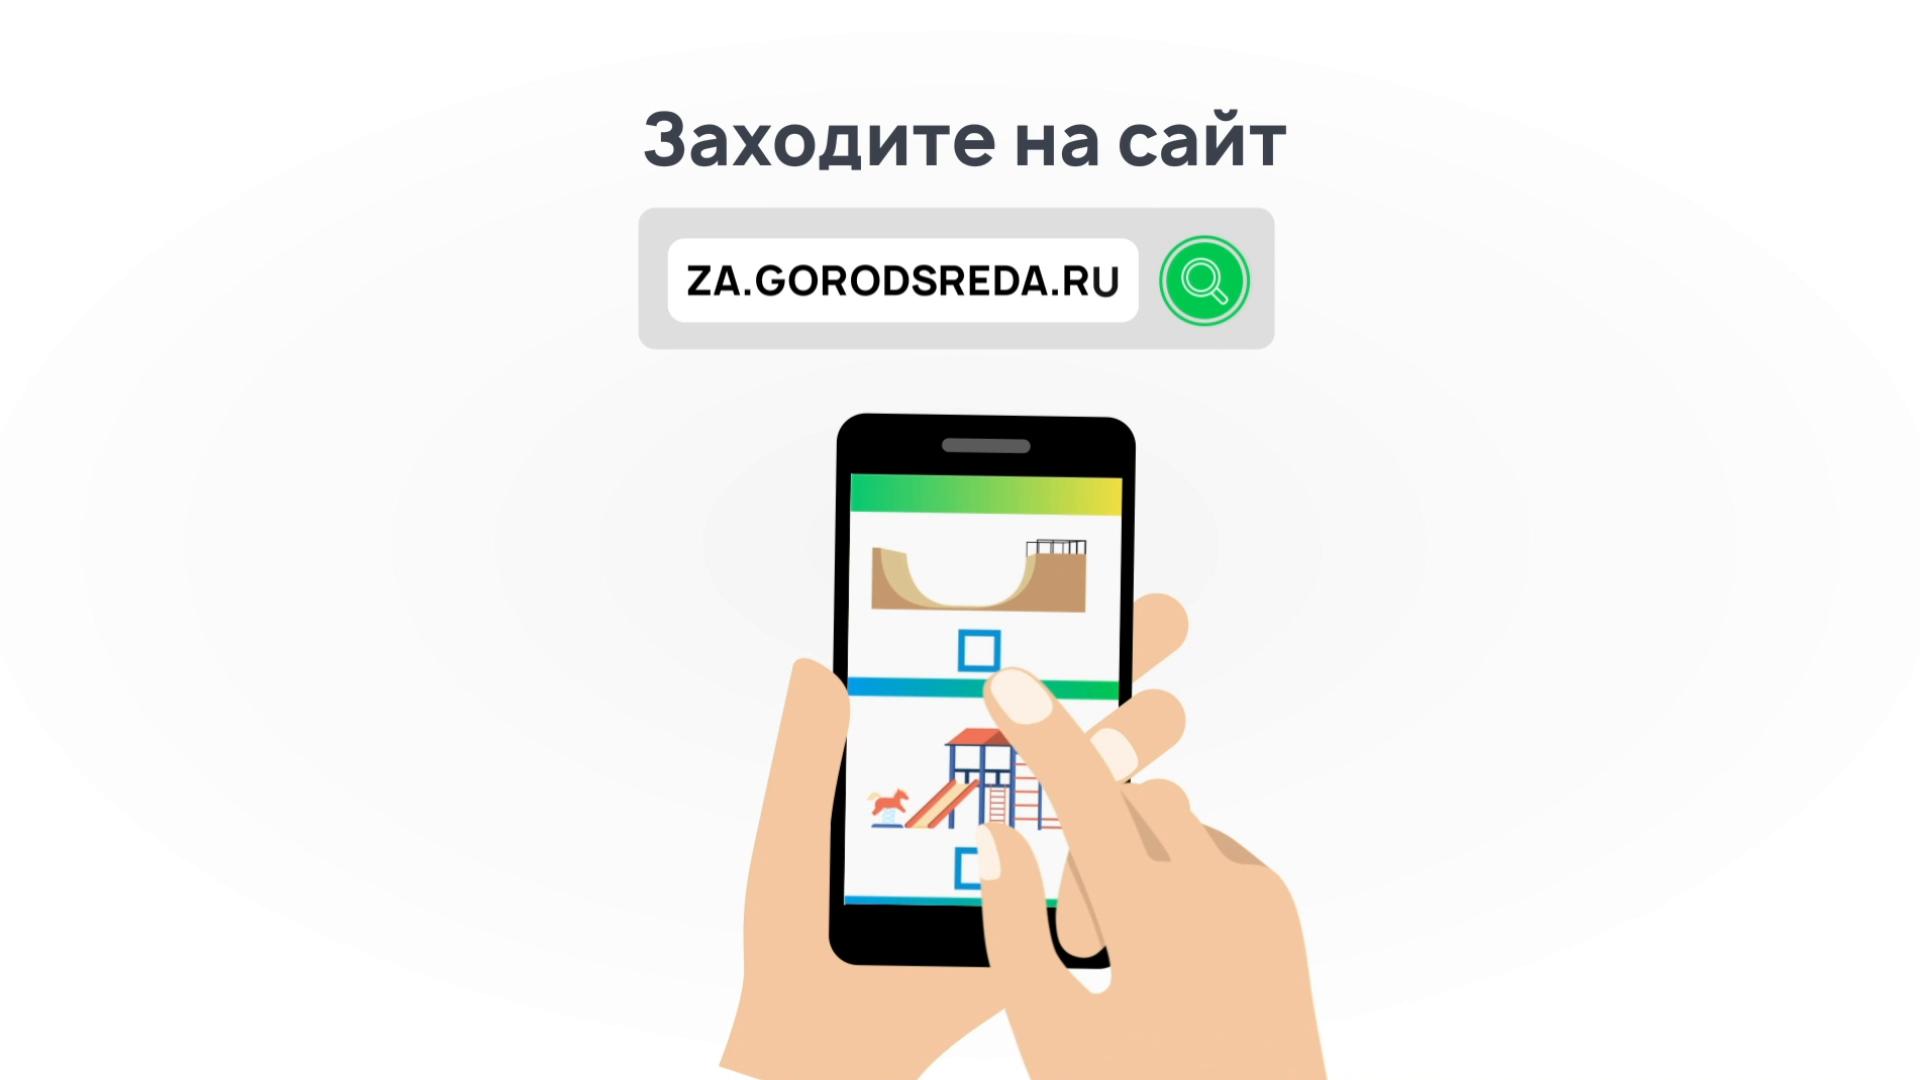 Дагестанцы смогут принять участие в голосовании по выбору территорий для благоустройства